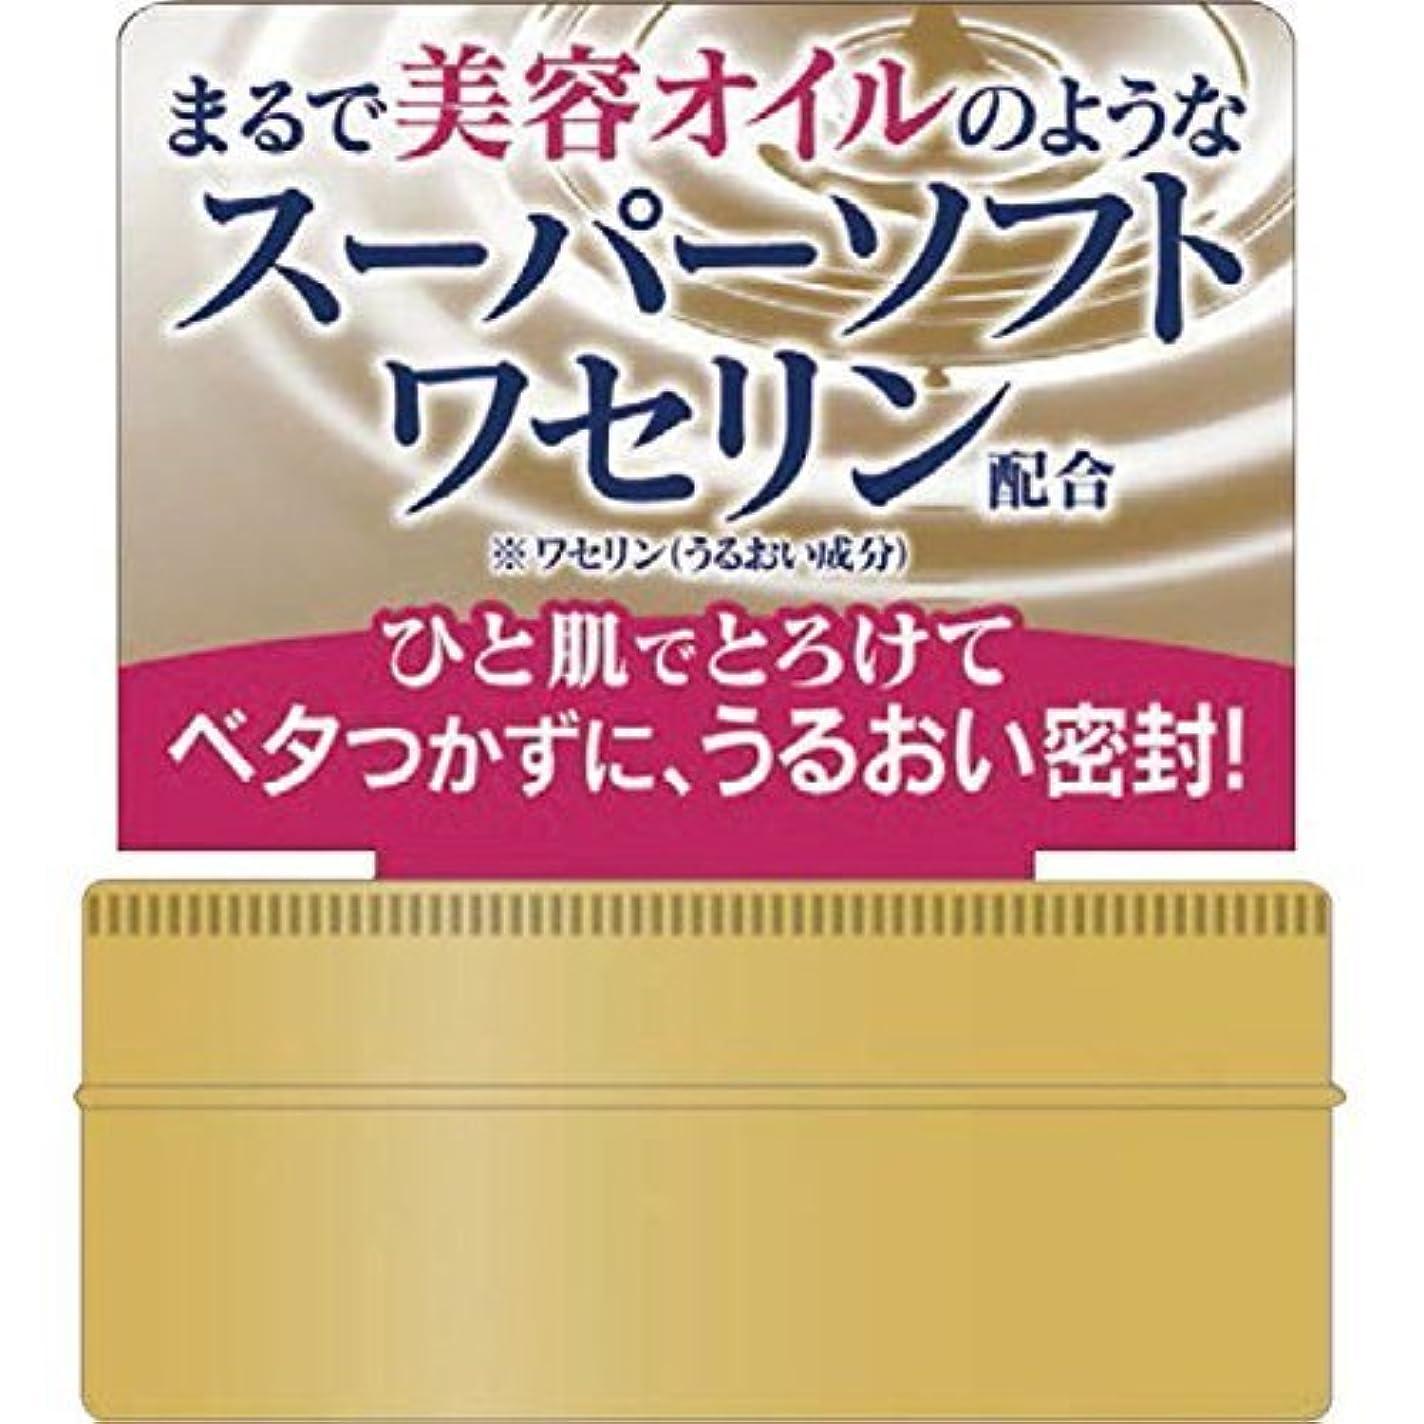 肌研(ハダラボ) 極潤プレミアム ヒアルロンオイルジェリー × 24個セット